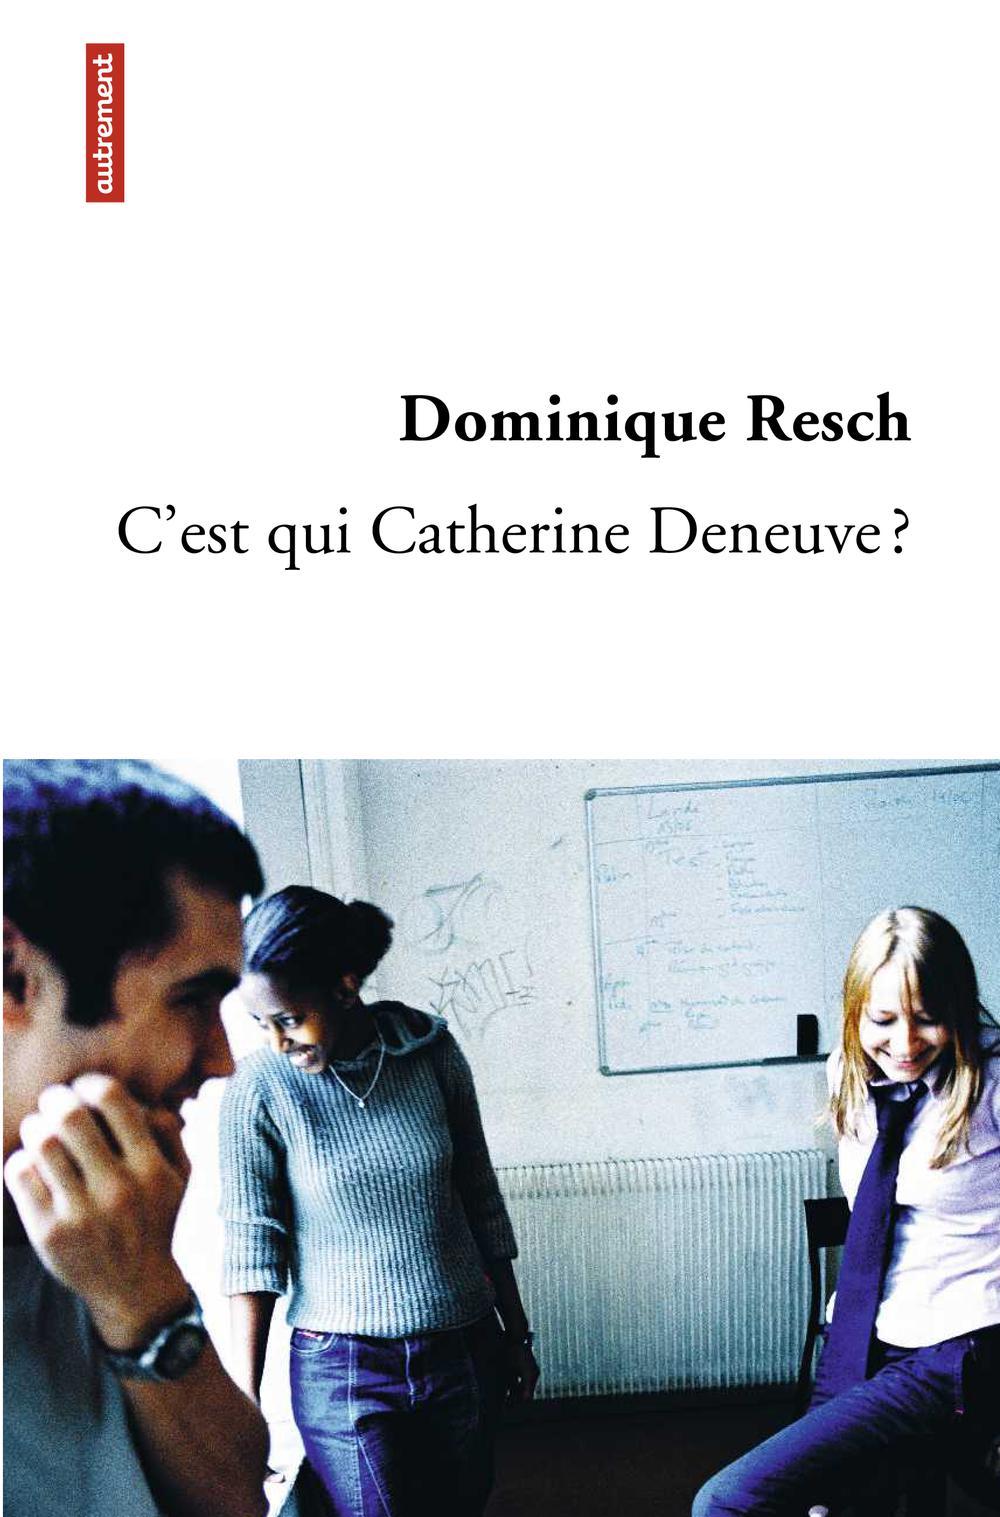 C'est qui Catherine Deneuve ?